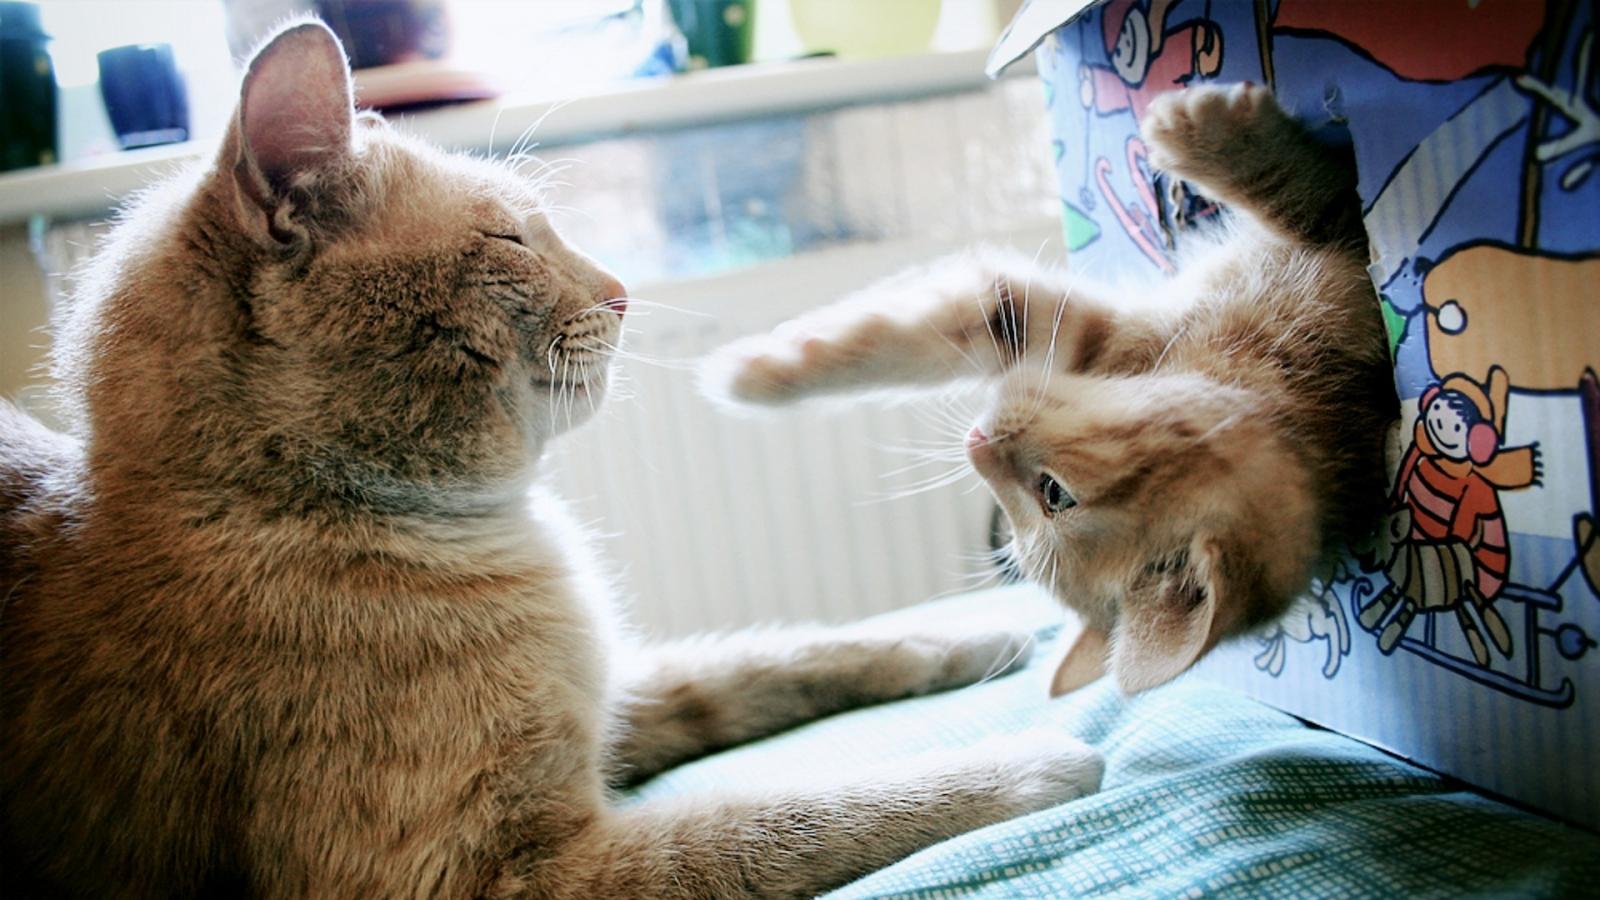 Dos gatos jugando - 1600x900